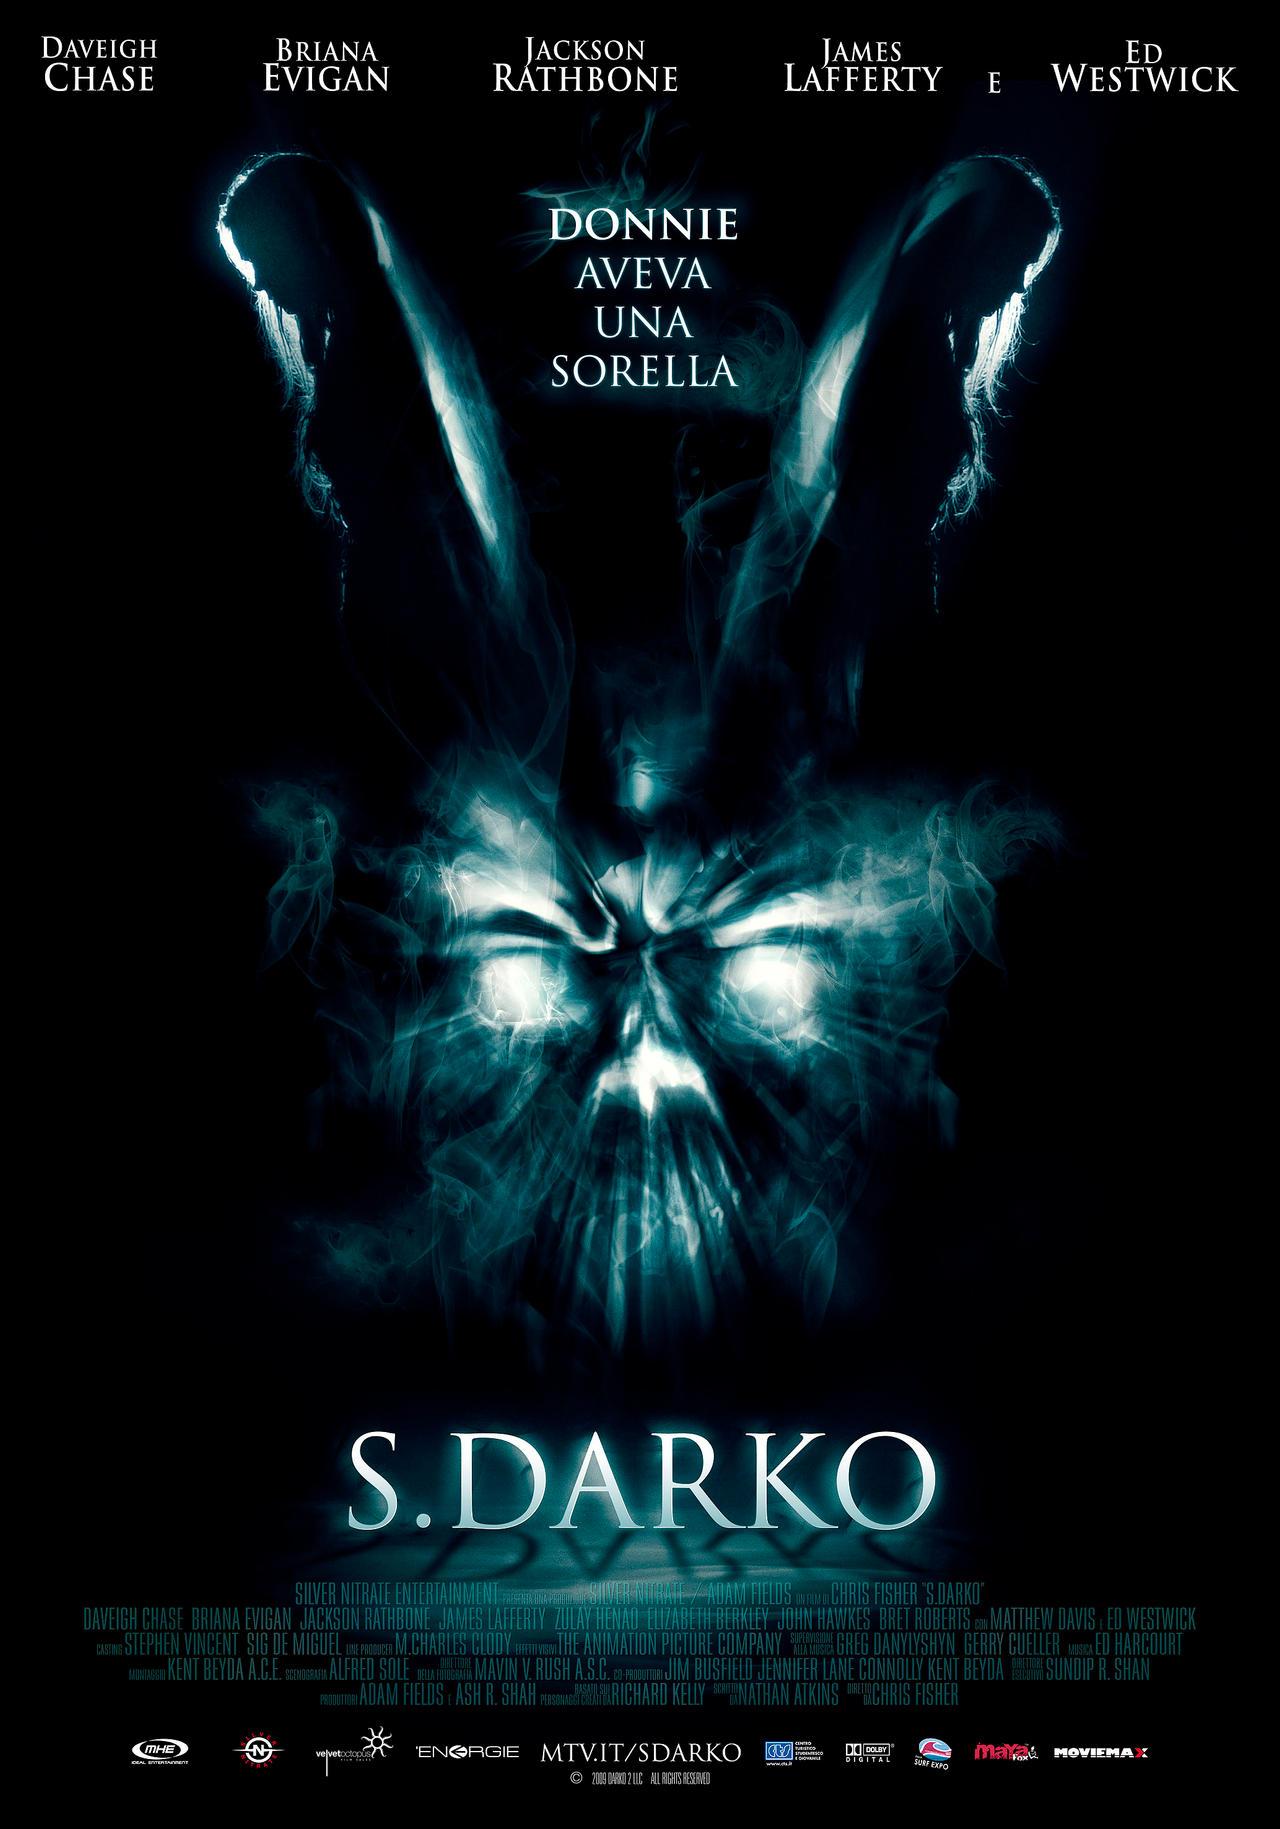 S DARKO by Medusone  S Darko